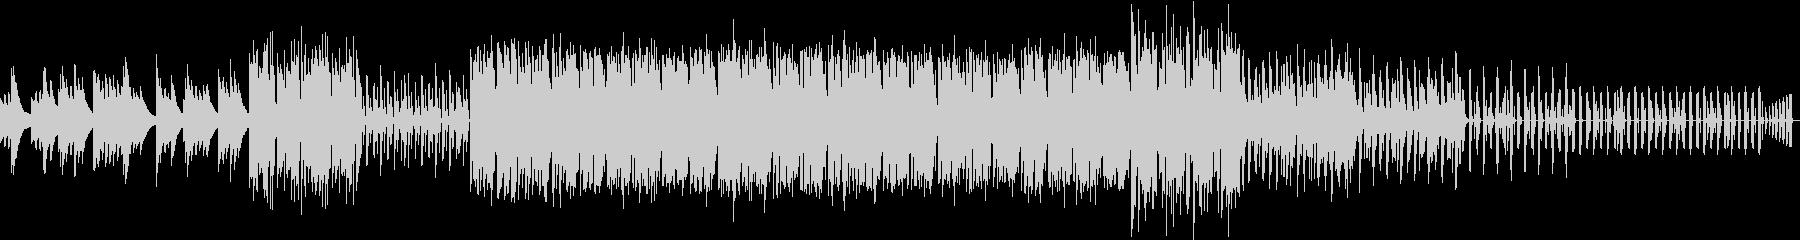 スポーツ系のラジオ用BGMの未再生の波形